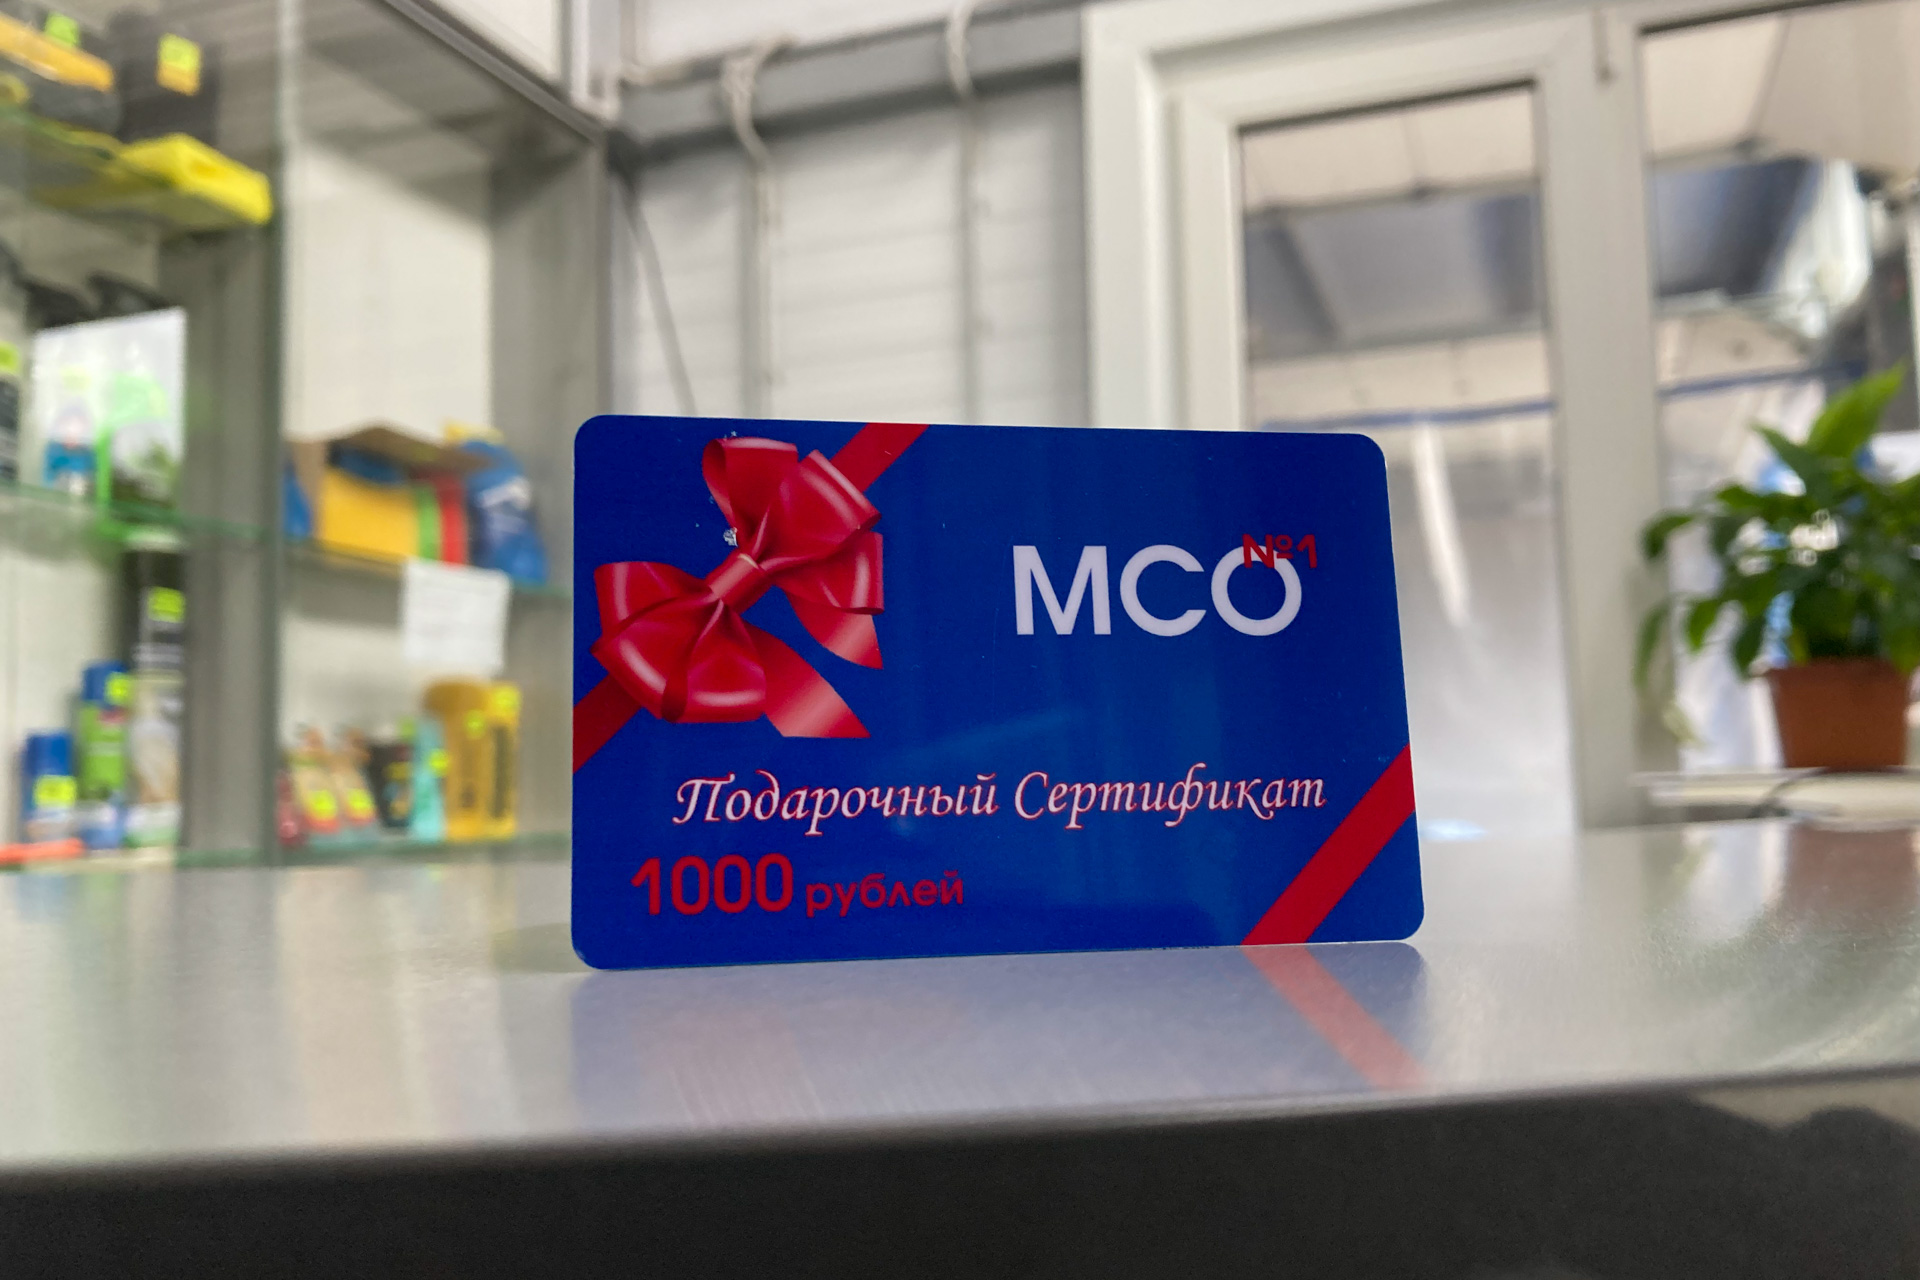 Подарочный сертификат на услуги МСО № 1 в г. Вельске